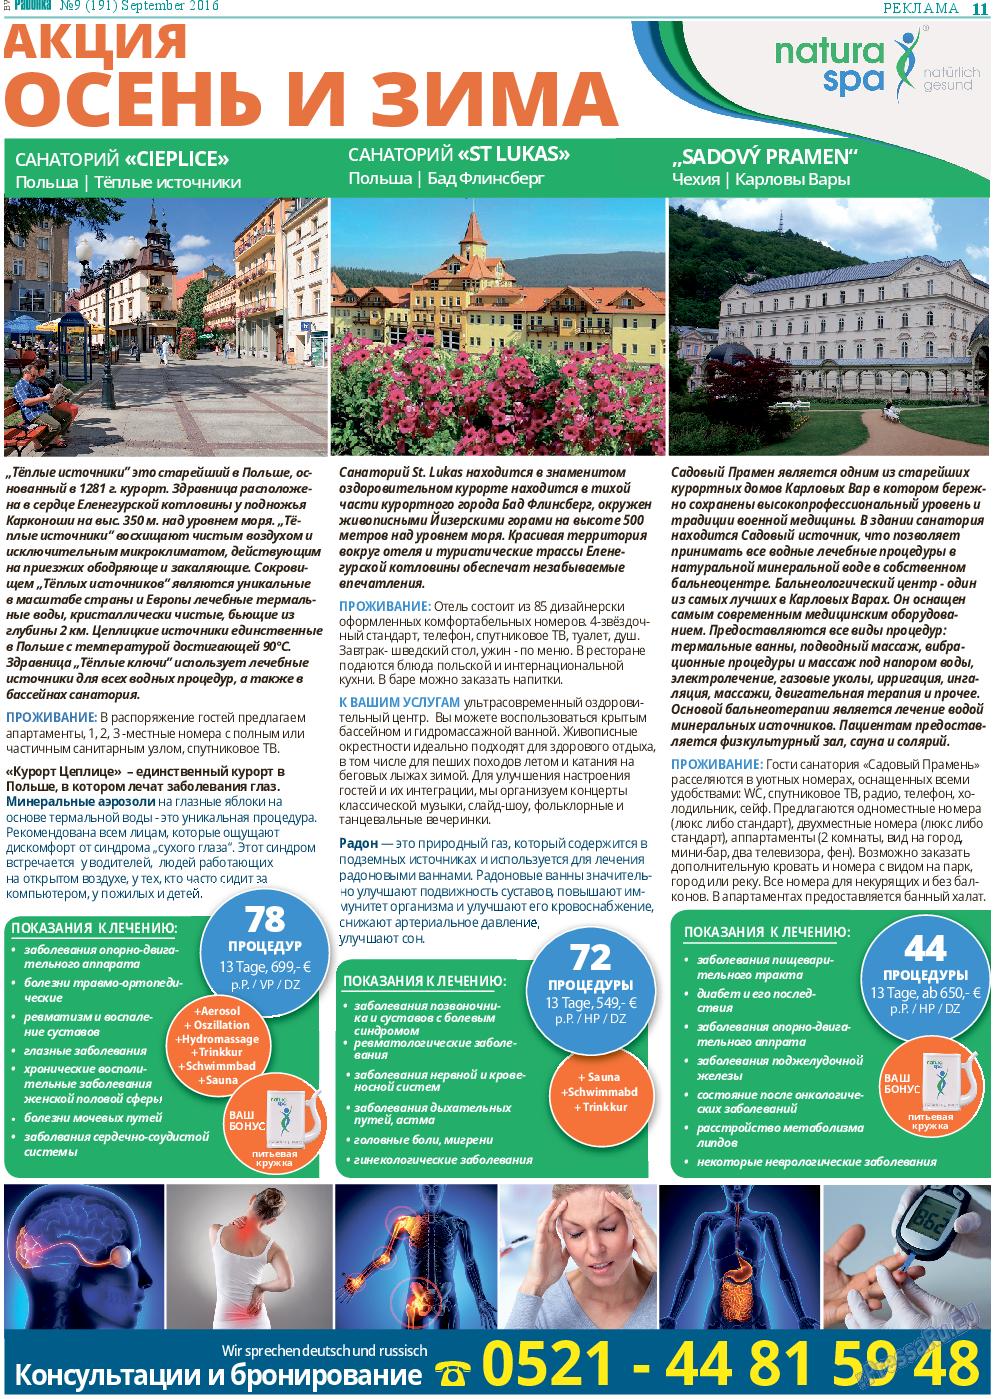 Районка-West (газета). 2016 год, номер 9, стр. 11